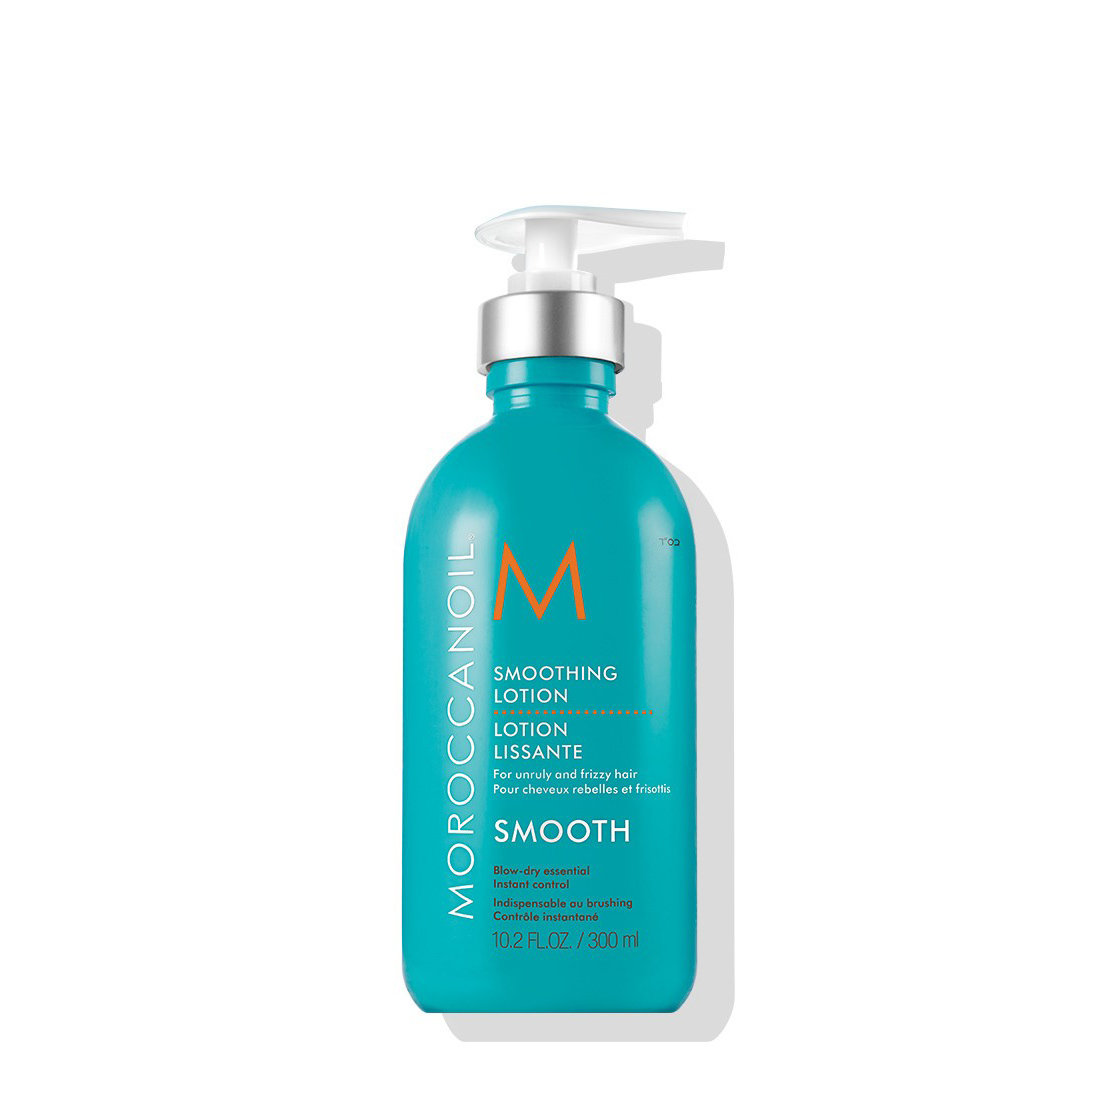 Moroccanoil Smoothing Lotion 300 ml | Loción Suavizante